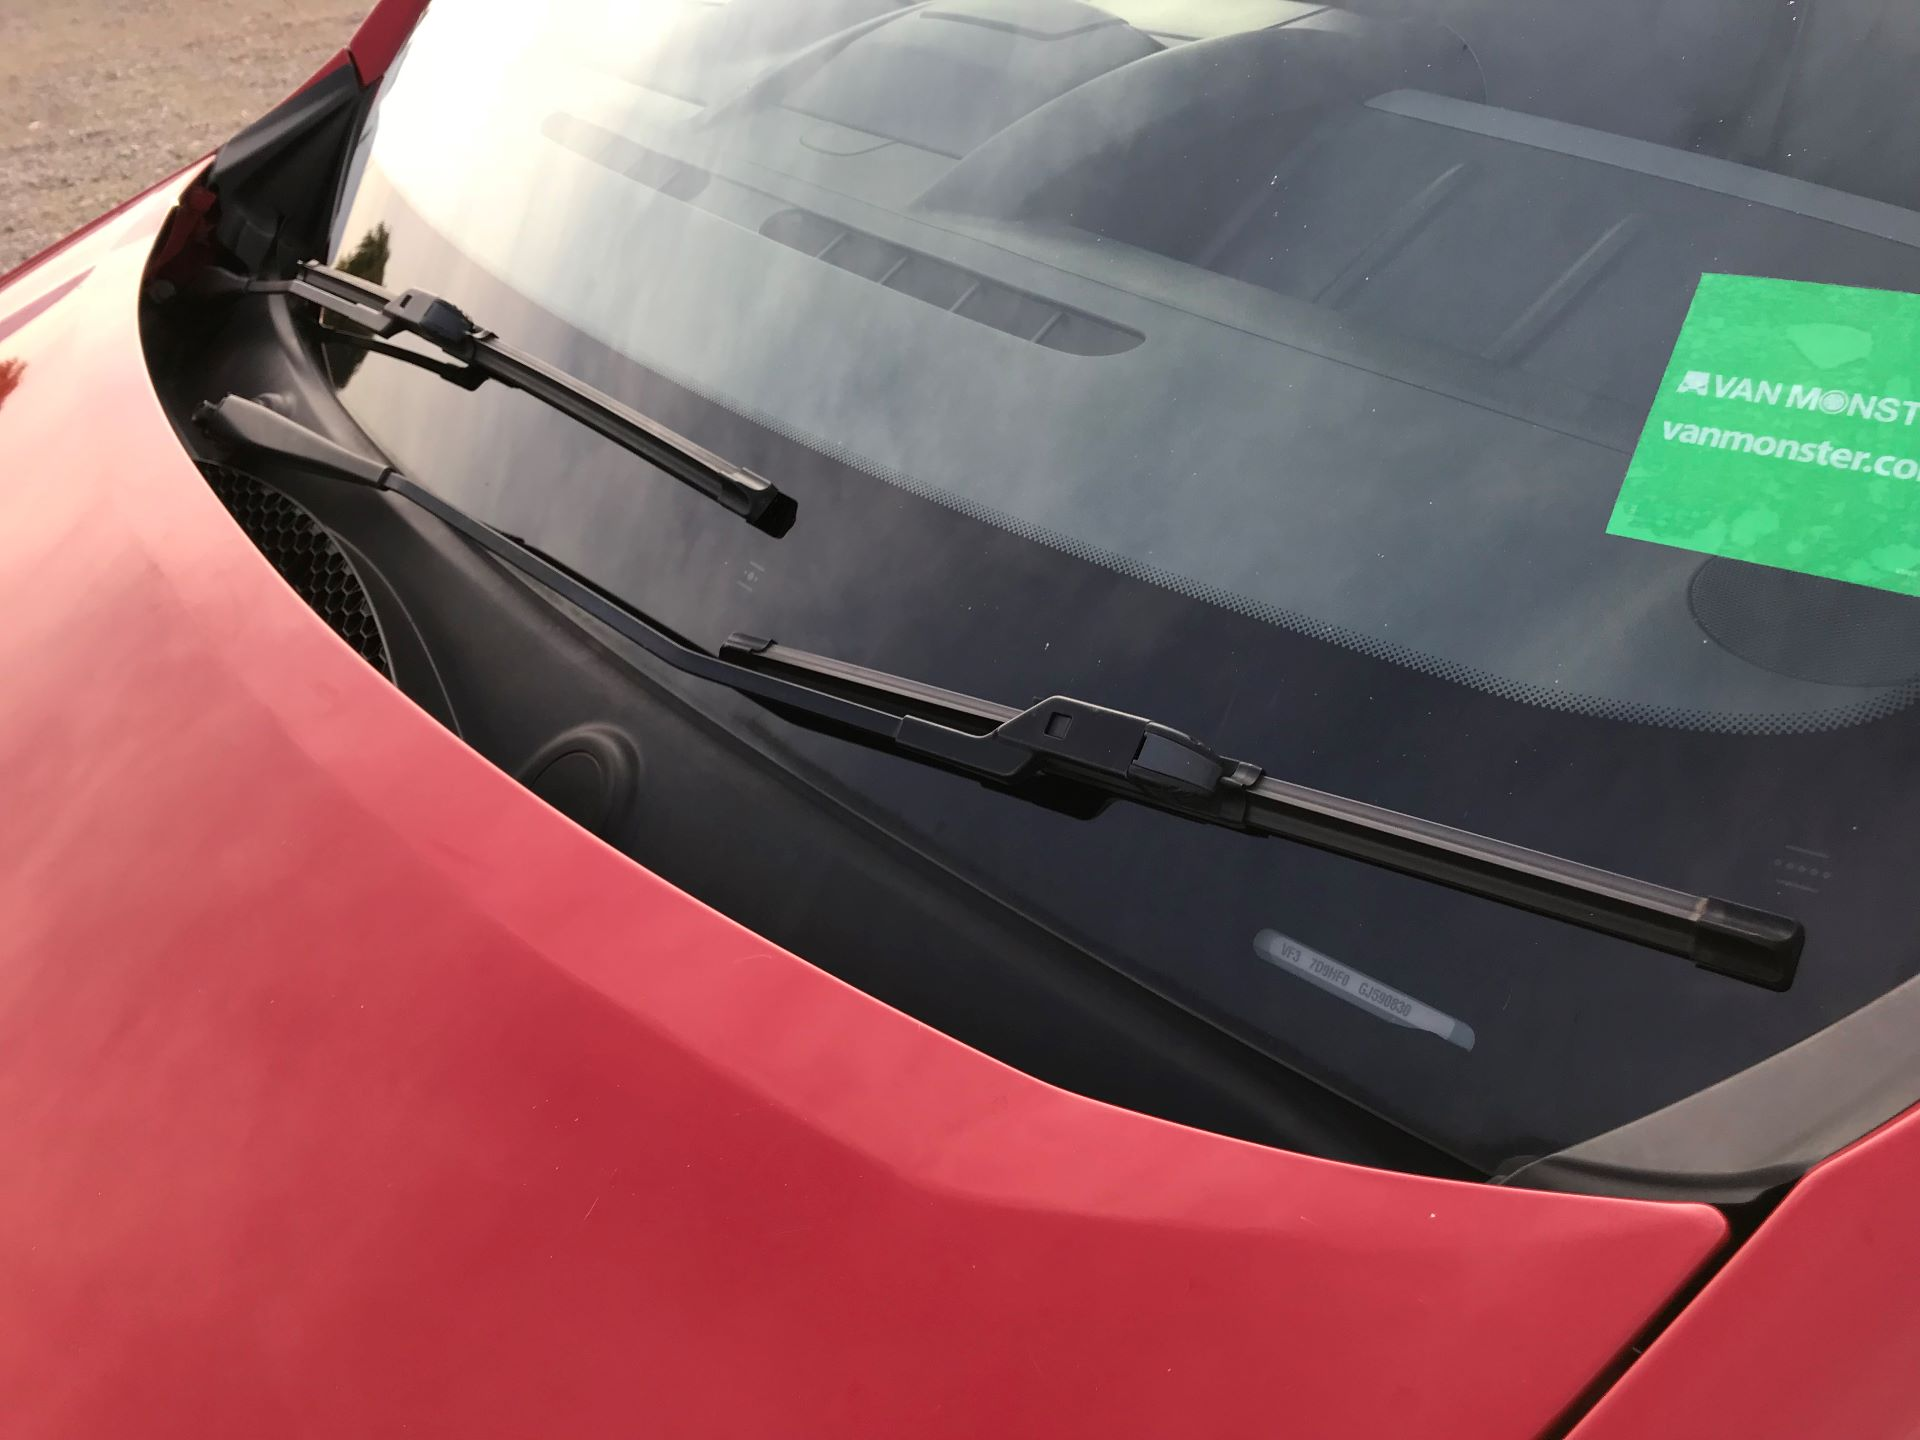 2016 Peugeot Partner  L1 850 SE 1.6 92PS EURO 5 RESTRICTED TO 70MPH (NU16HFP) Image 30